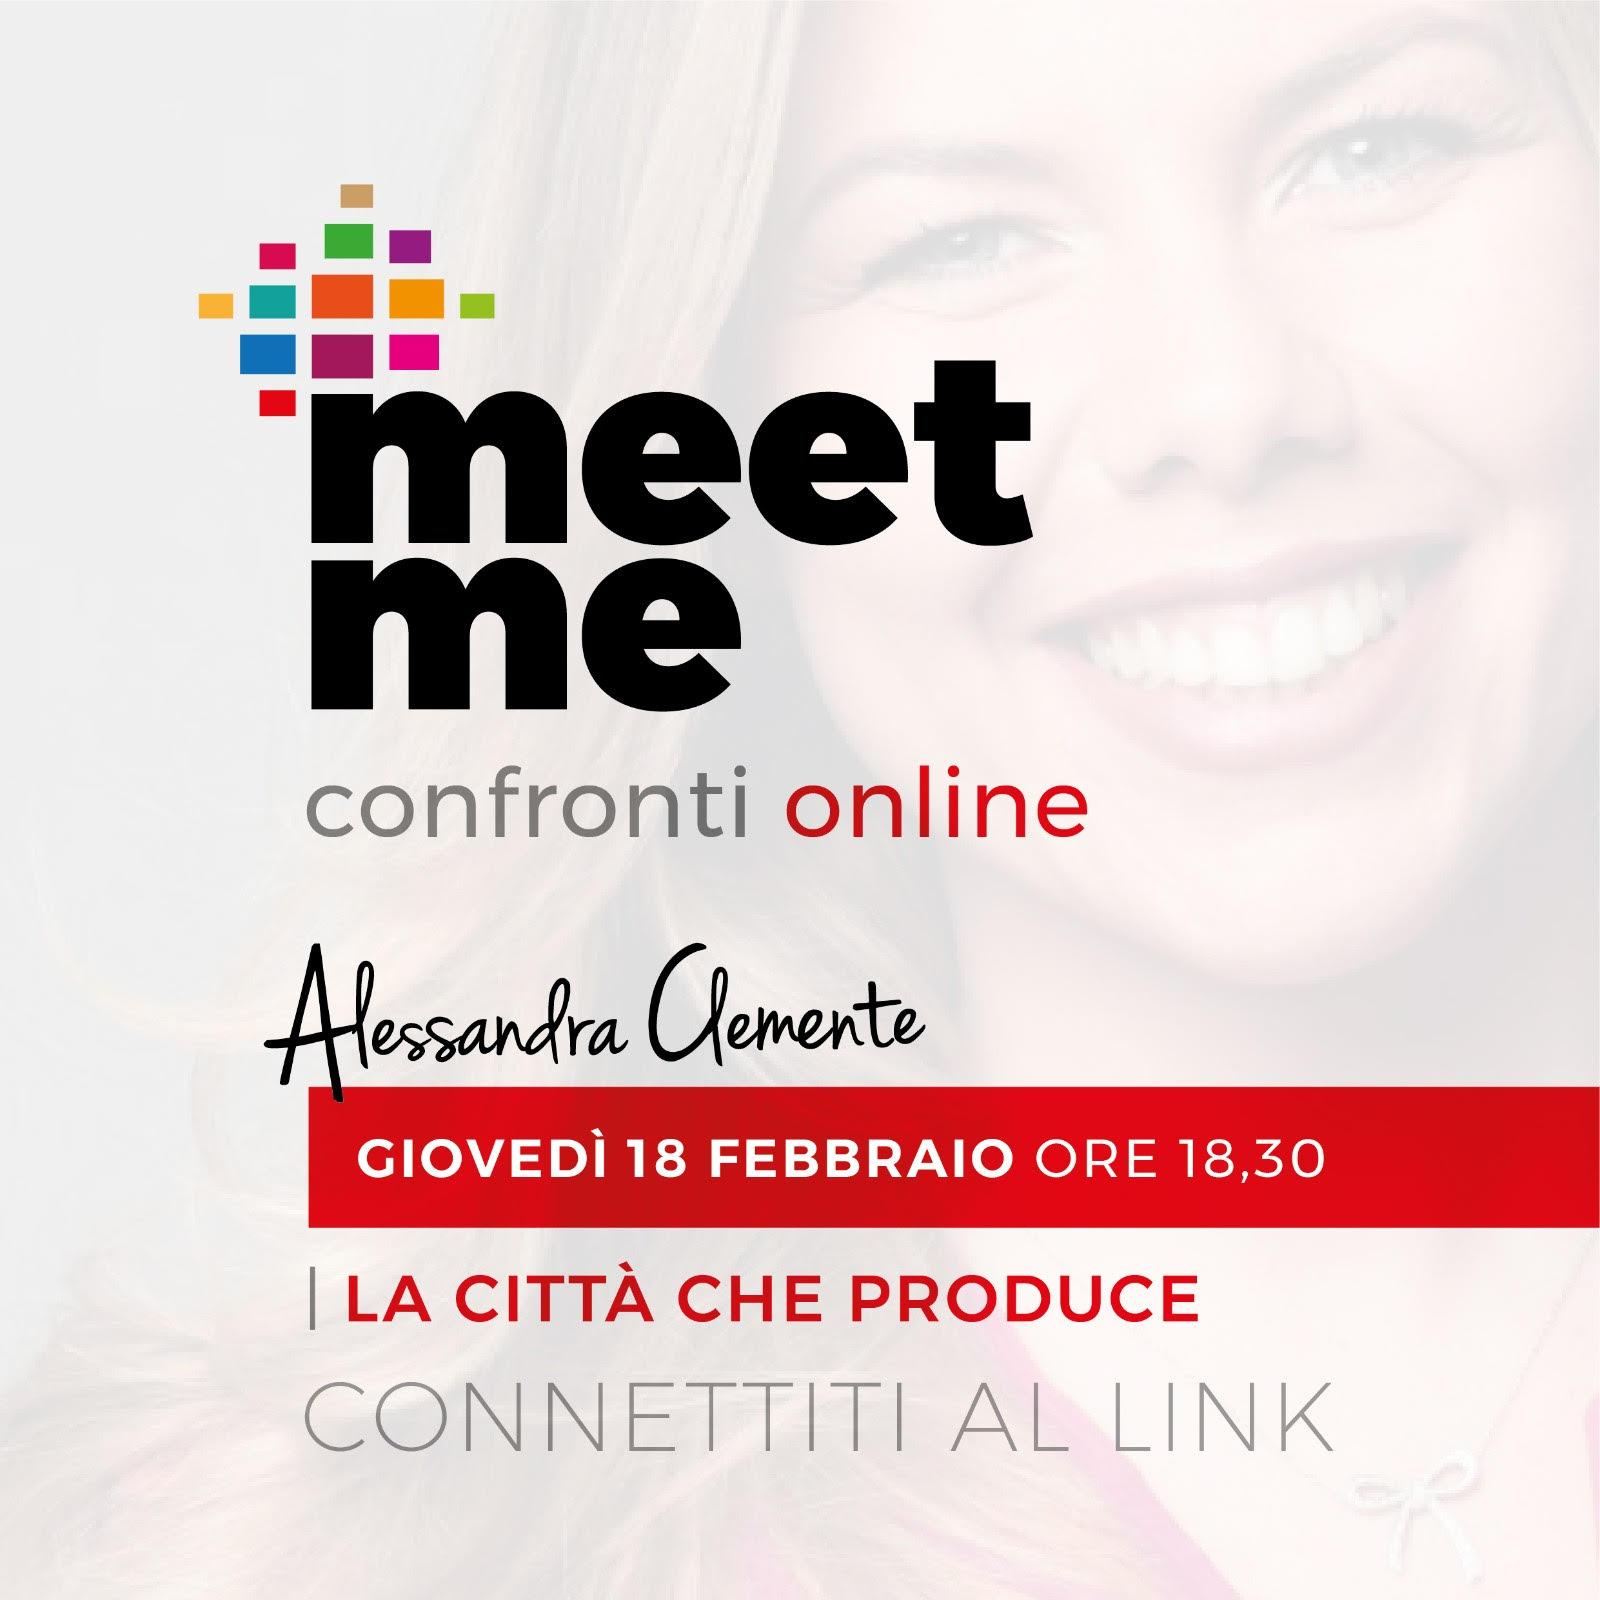 """""""La città che produce"""", meet me confronti online con Alessandra Clemente"""